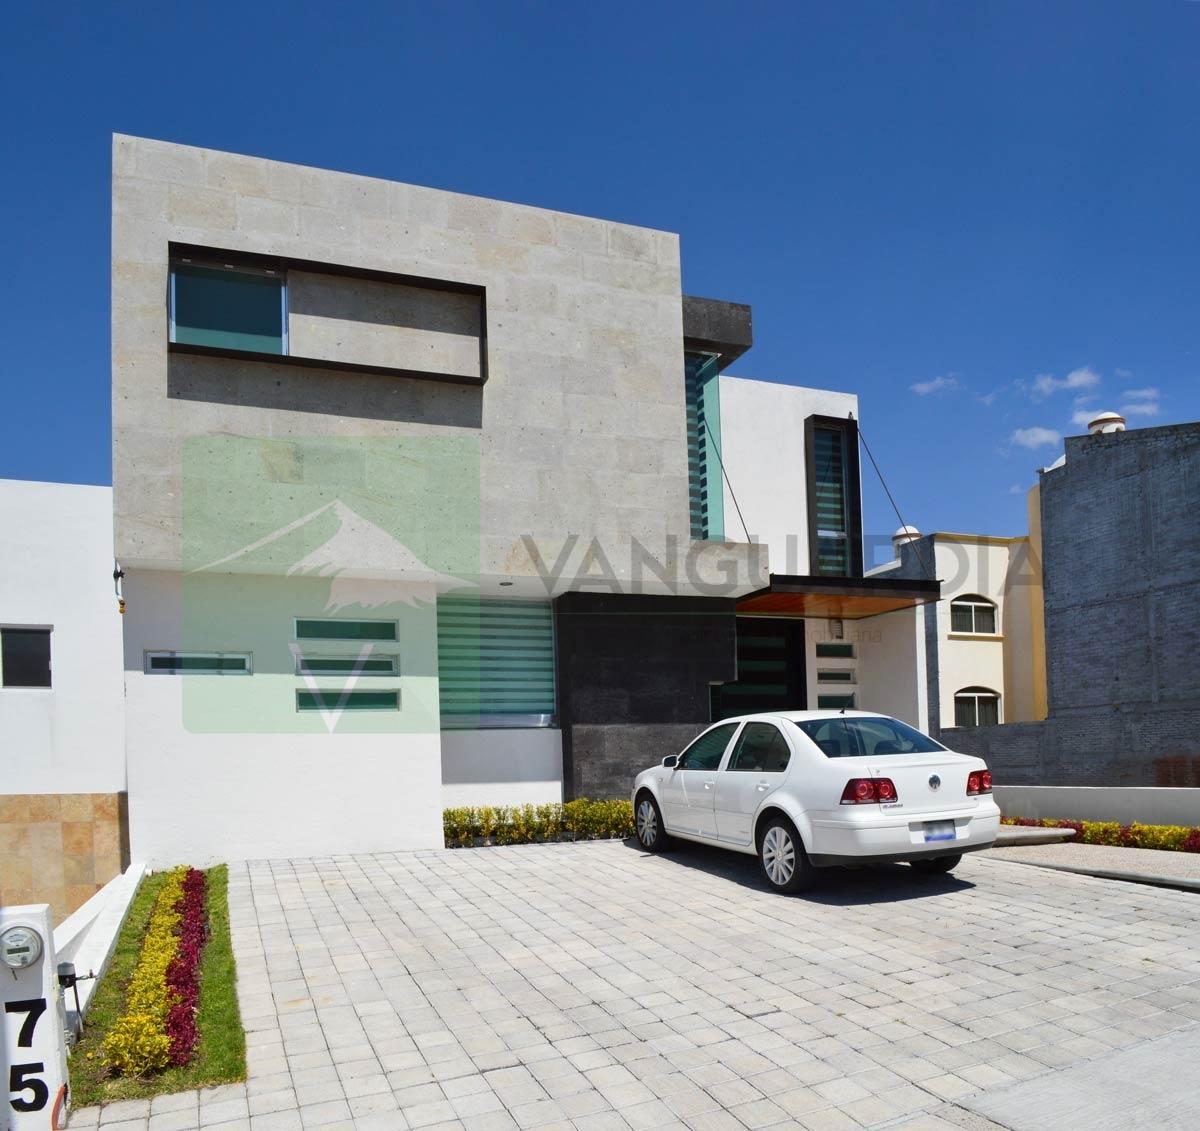 Amplia Casa en Venta con Sotano, 3 Habitaciones y Terraza con Increible vista a la ciudad. – Querétaro | Cumbres Del Cimatario